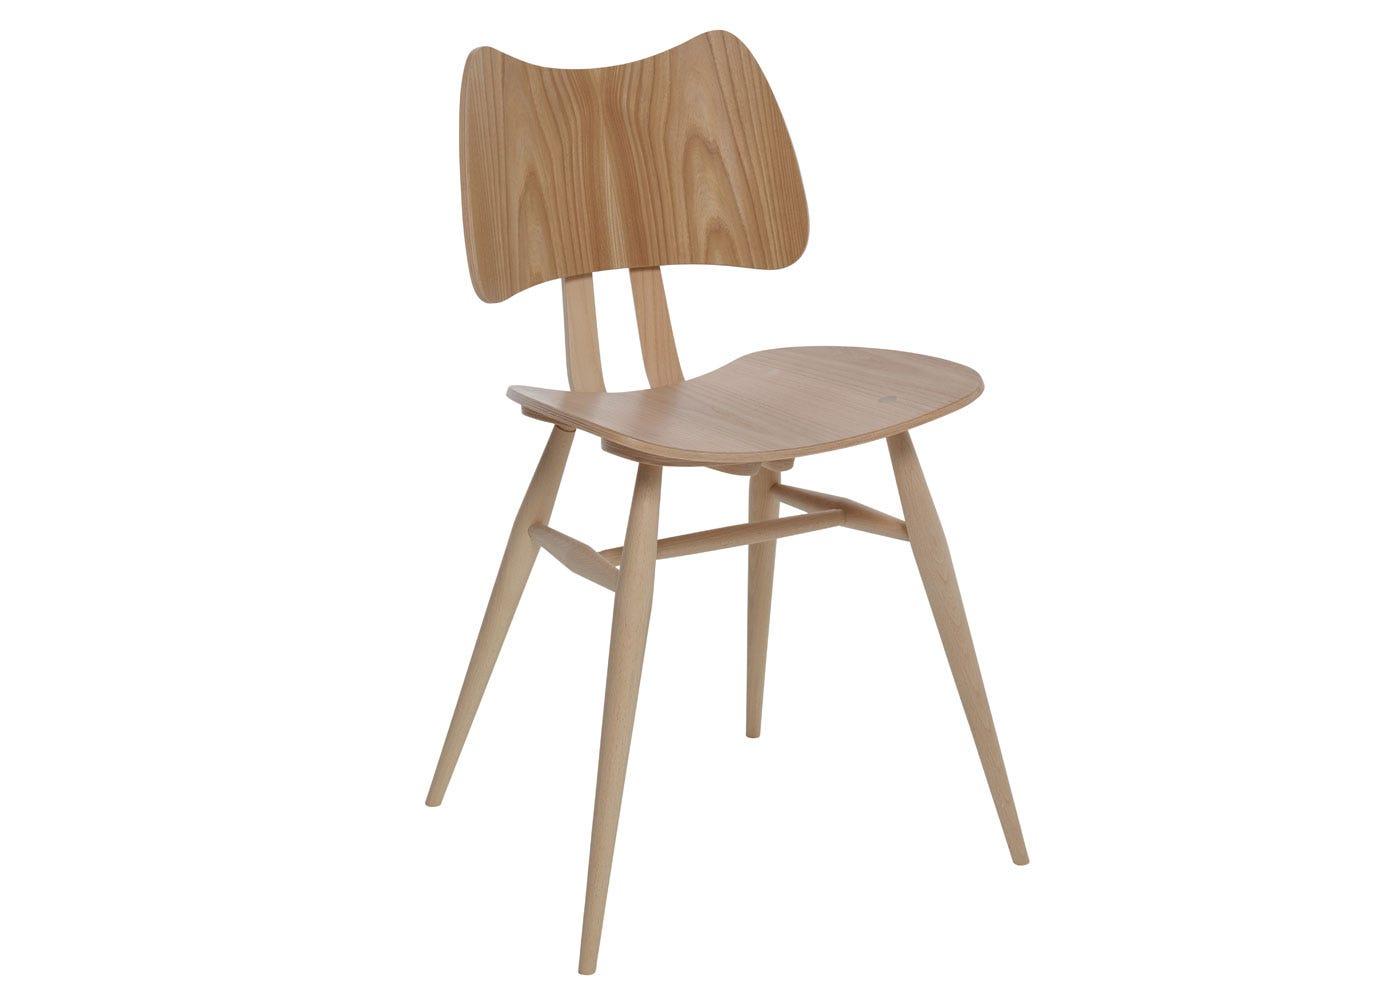 Ercol Limited-Edition Originals Butterfly Chair Beech & Elm